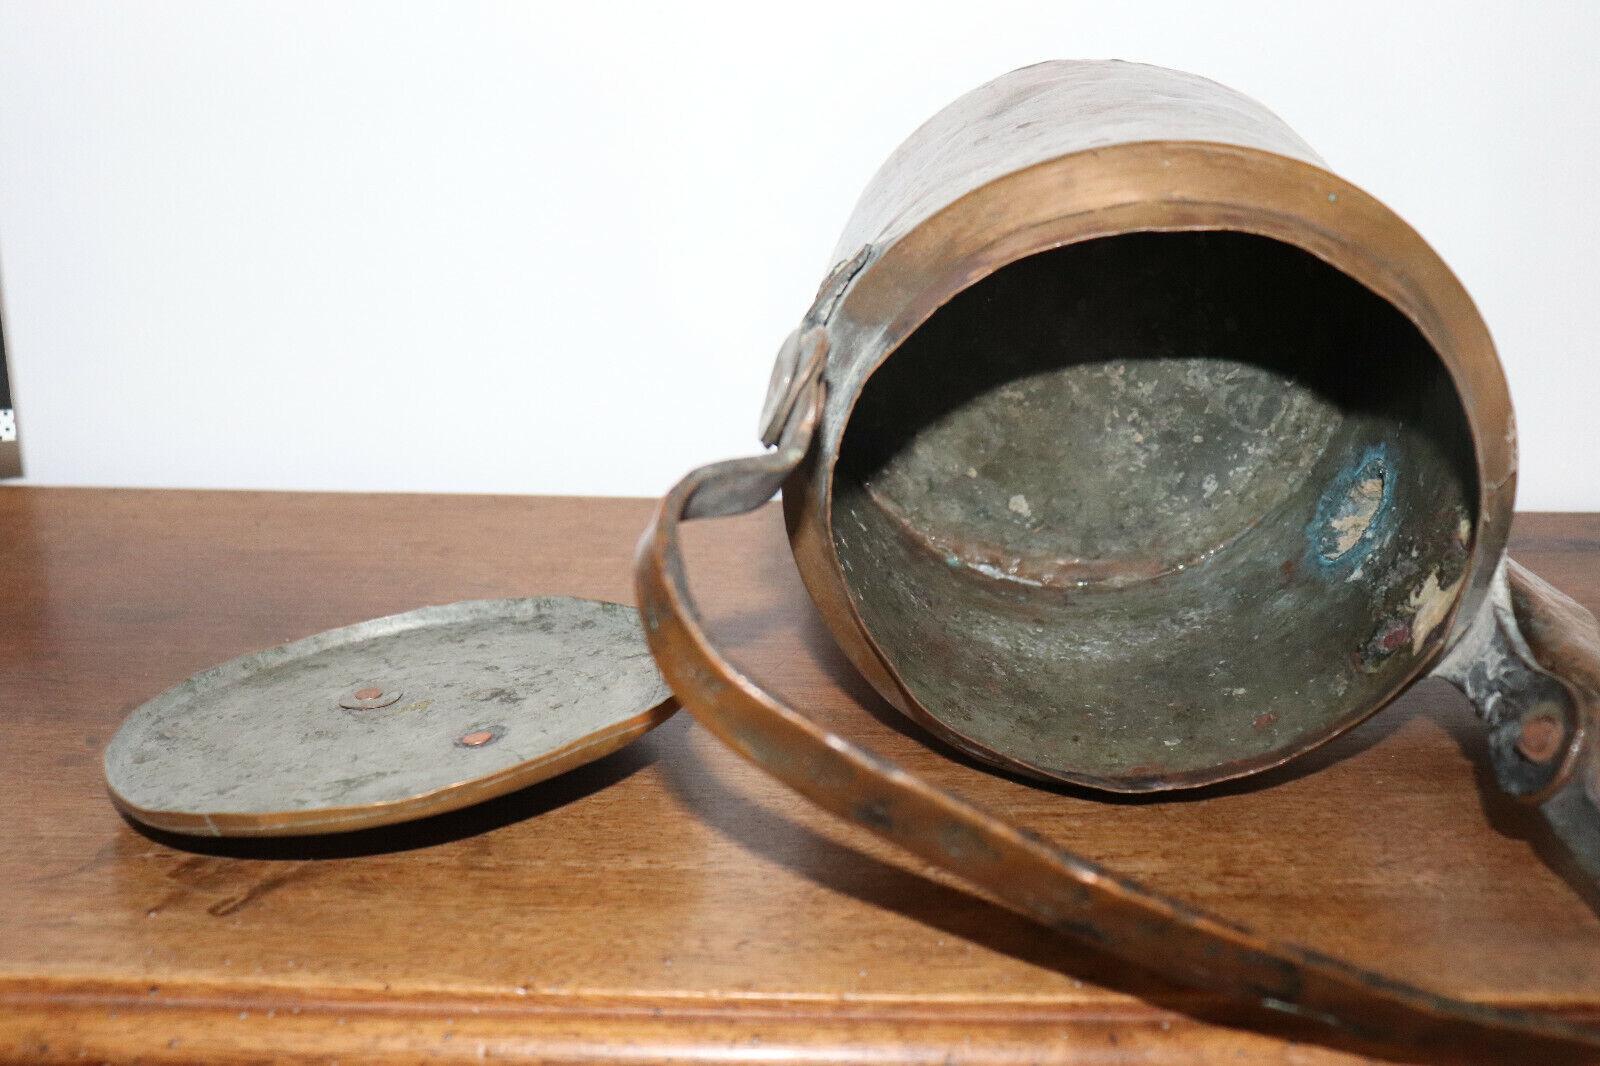 Immagine 3 - Caffettiera-IN-Rame-Ancien-19esimo-Antico-Rame